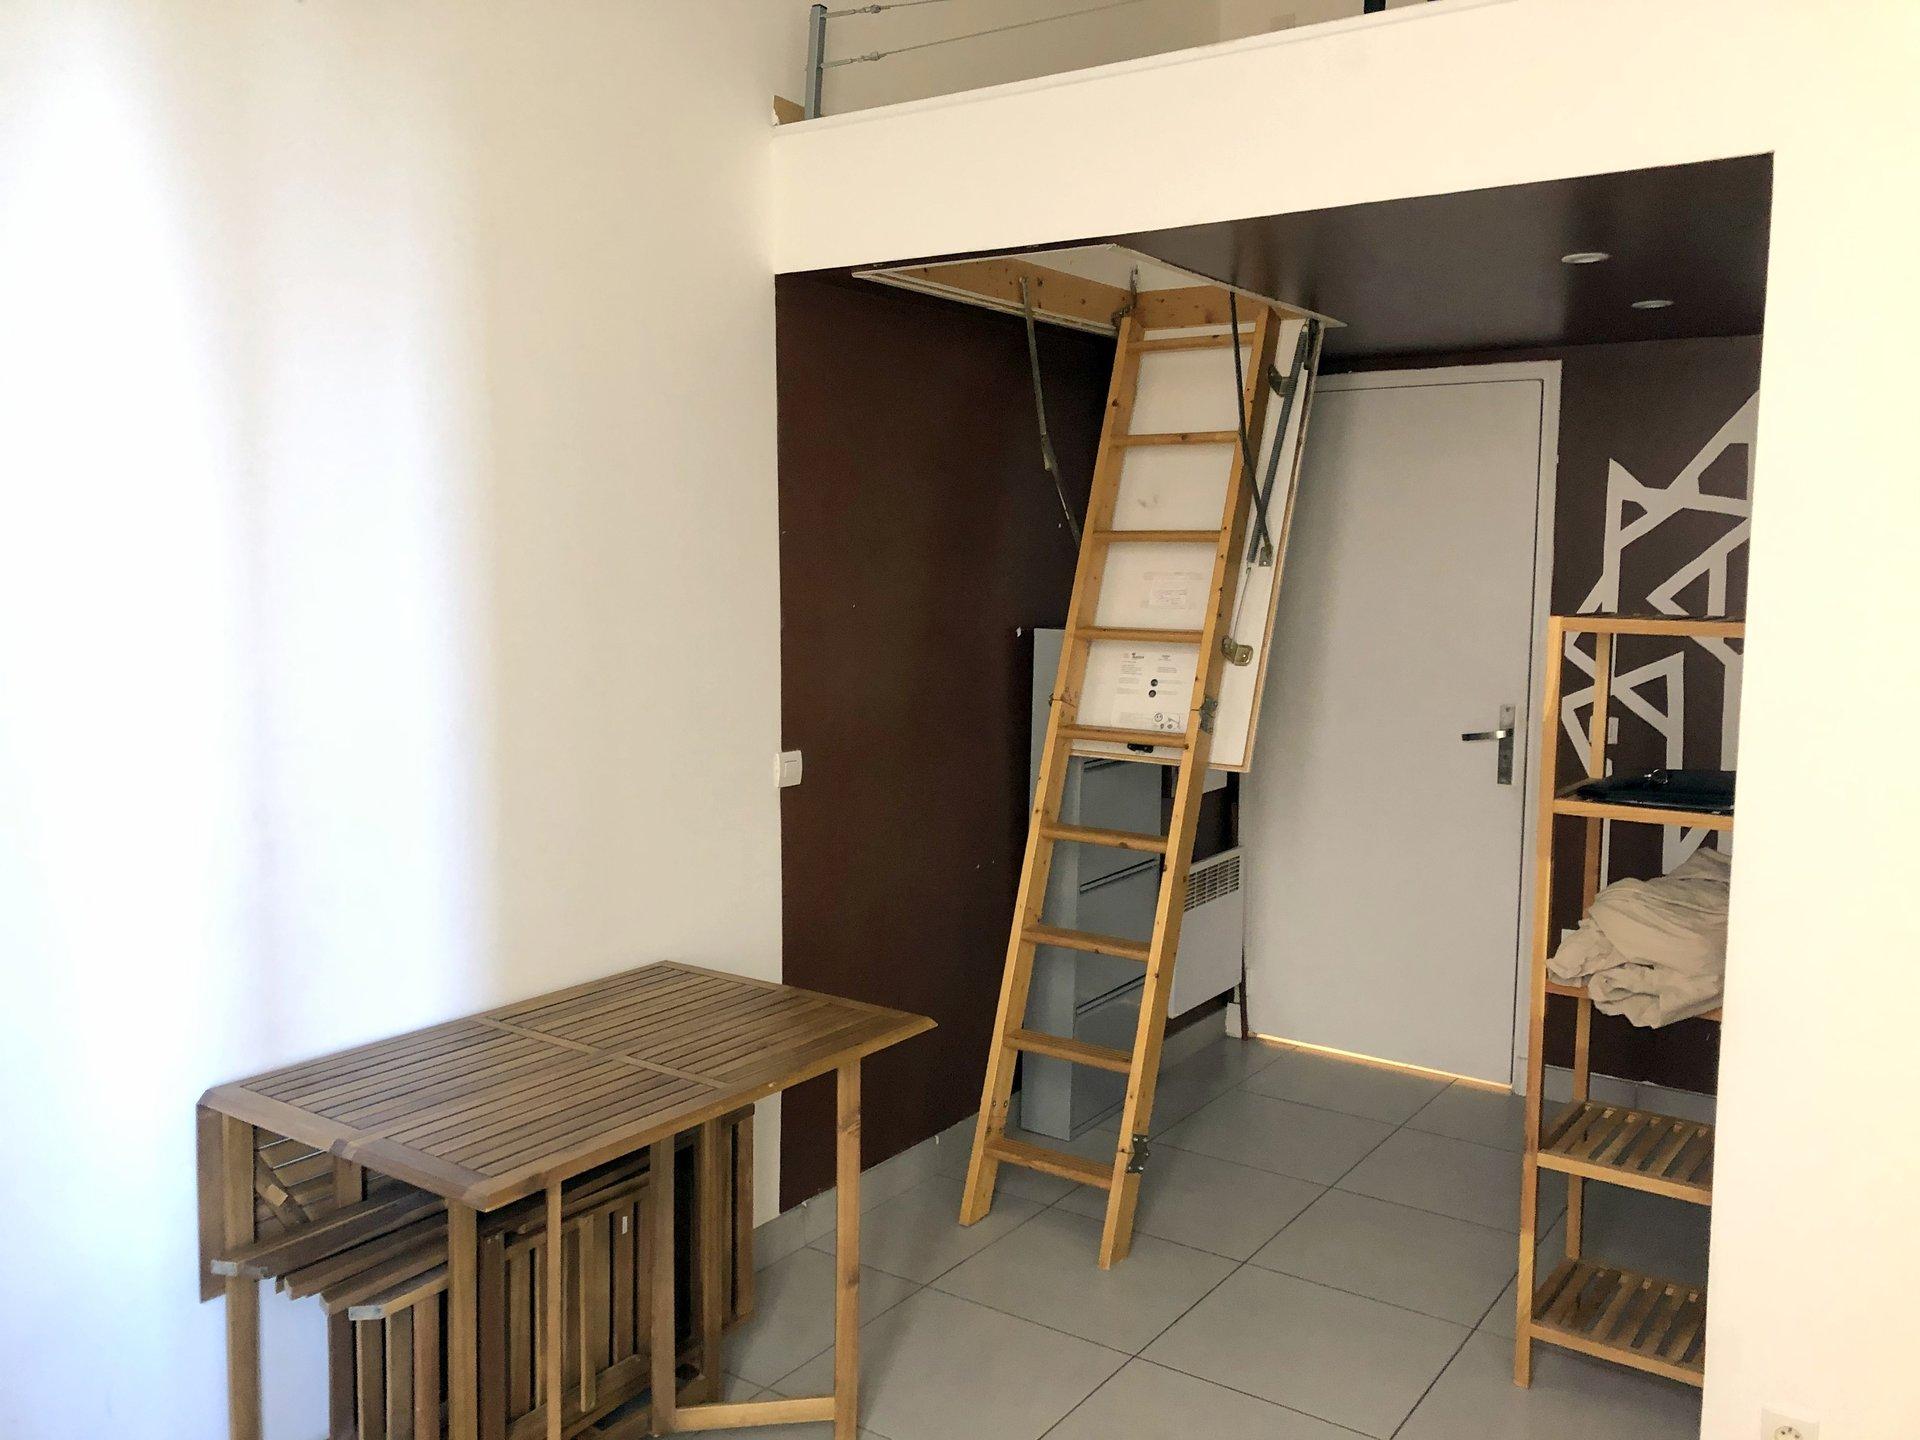 location Nice, studio meublé 14,06m² situé quartier Bellevue